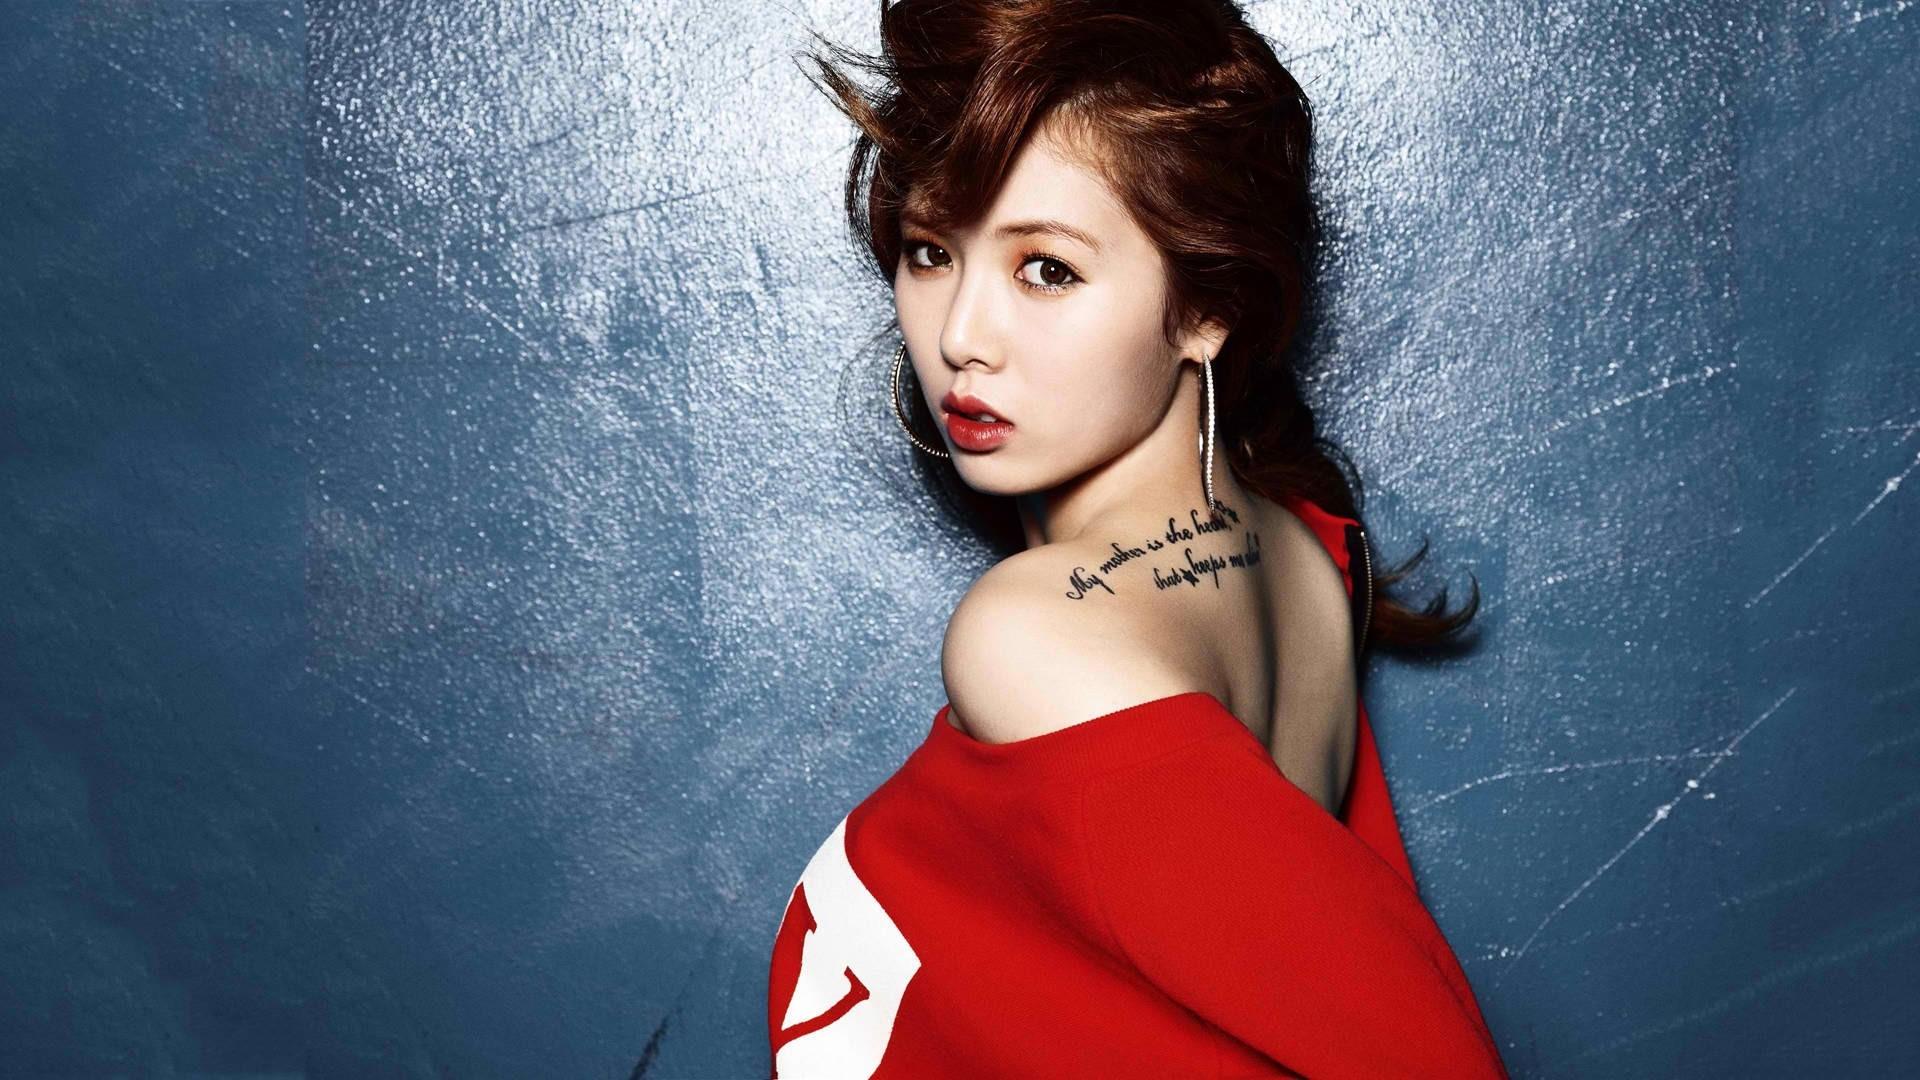 Wallpaper Women Model Long Hair Asian Singer Blue: Wallpaper : Model, Long Hair, Brunette, Red, Asian, Singer